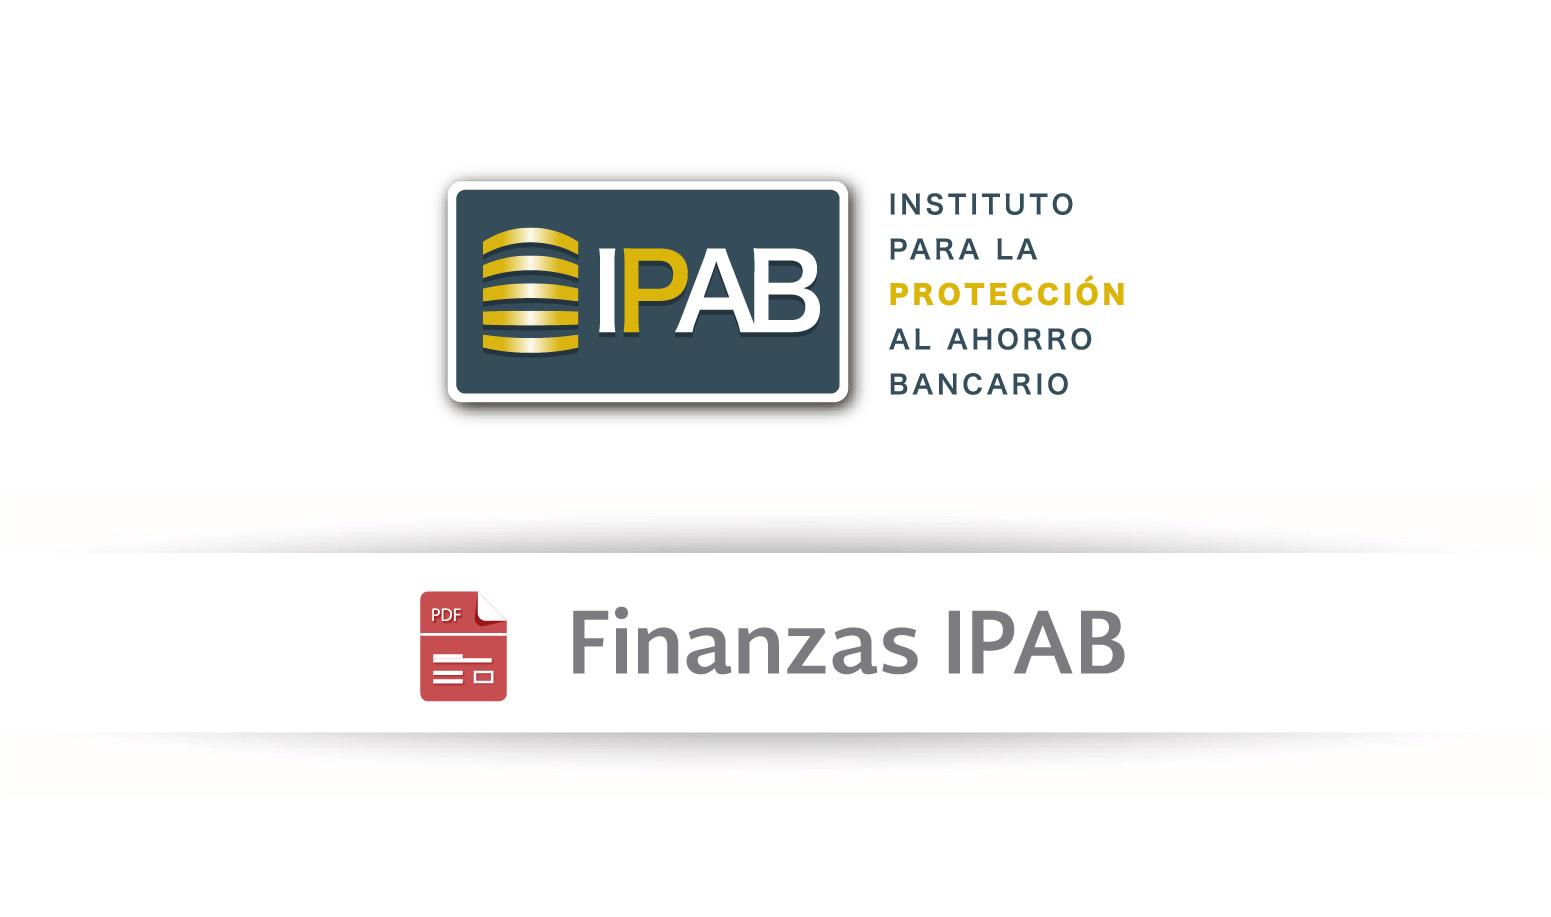 Finanzas IPAB